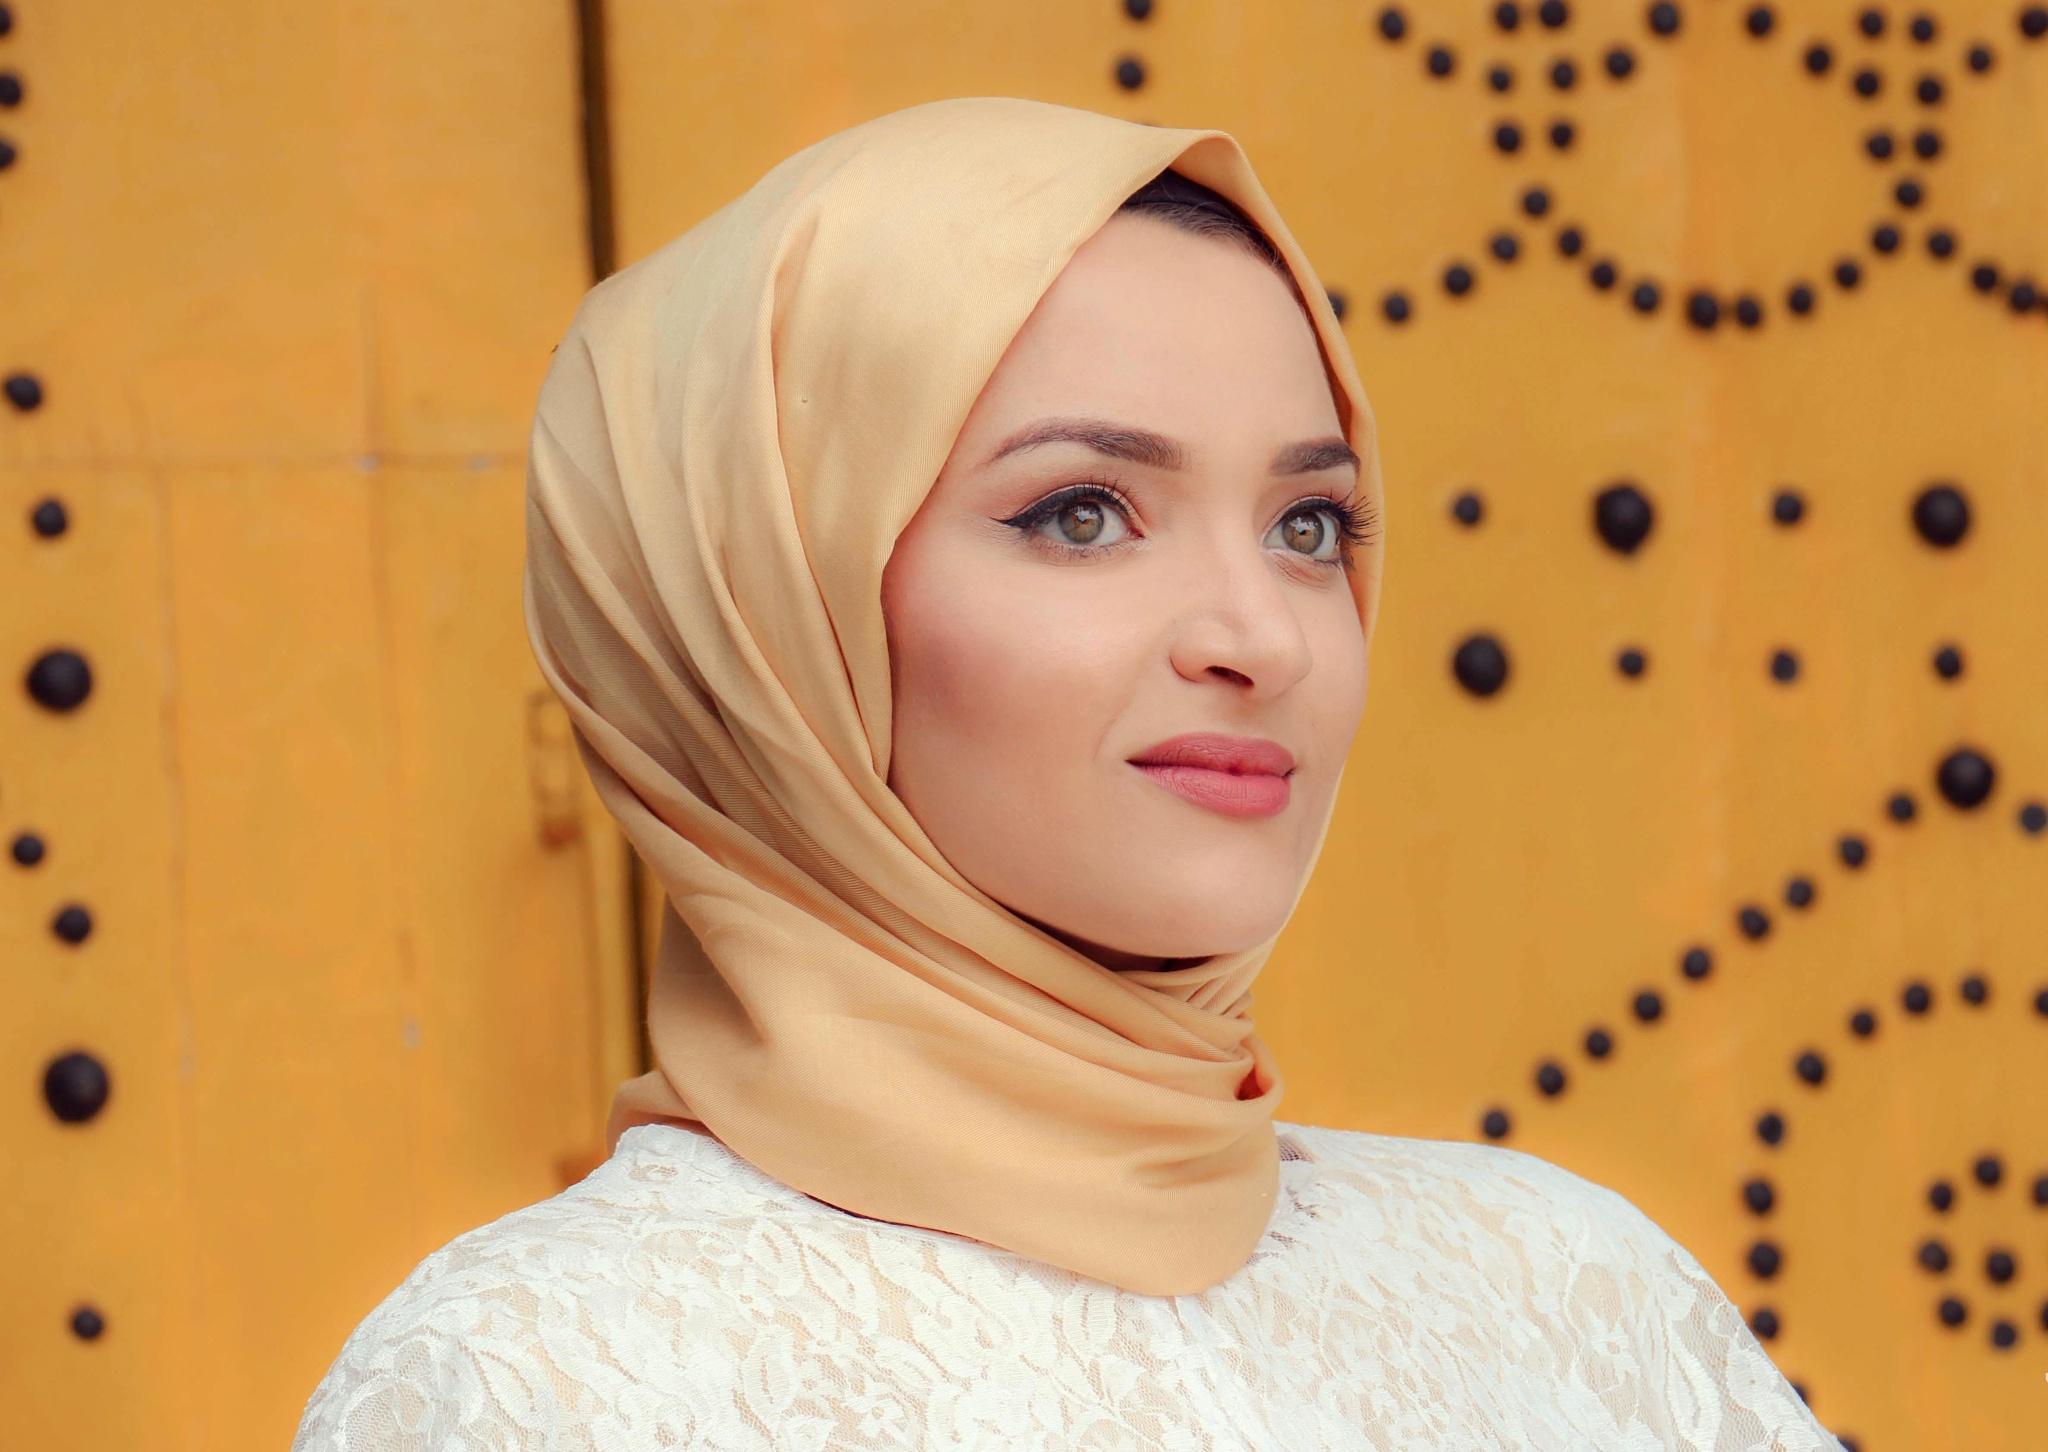 Beauty by Asma Ahmed